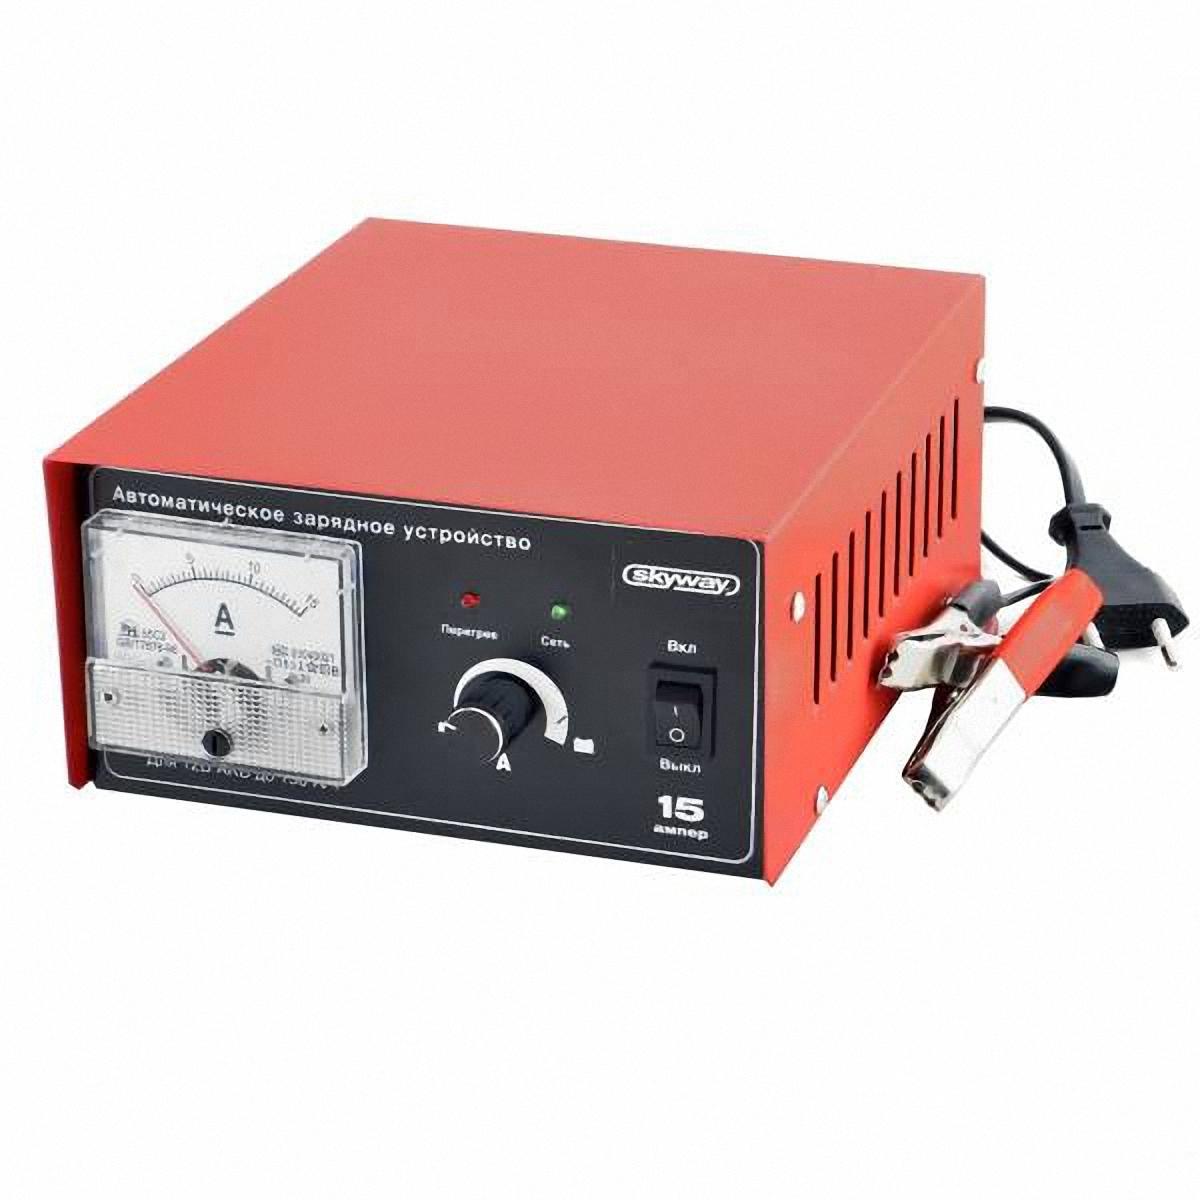 Устройство зарядное для аккумулятора Skyway. S03801002511600Импульсное автоматическое зарядно-предпусковое устройство для всех типов аккумуляторных батарей 15А. Особенности: Оптимальное сочетание напряжения и тока.Зарядка необслуживаемых АКБ.Зарядка без отключения и снятия АКБ с автомобиля.Использование в качестве источника питания.Защита неправильного подключения.Защита от перегрузок и короткого замыкания.Защита от перегрева. Для аккумуляторных батарей 12 В.Емкость аккумуляторной батареи - до 150 А/ч.Напряжение питания сети - 180-240В/50 Гц.Потребляемый ток - 1.7 А.Потребляемая мощность - 140 ВТ.Максимальное выходное напряжение - 14,8 В.Ток зарядки - 0,4-15 А.